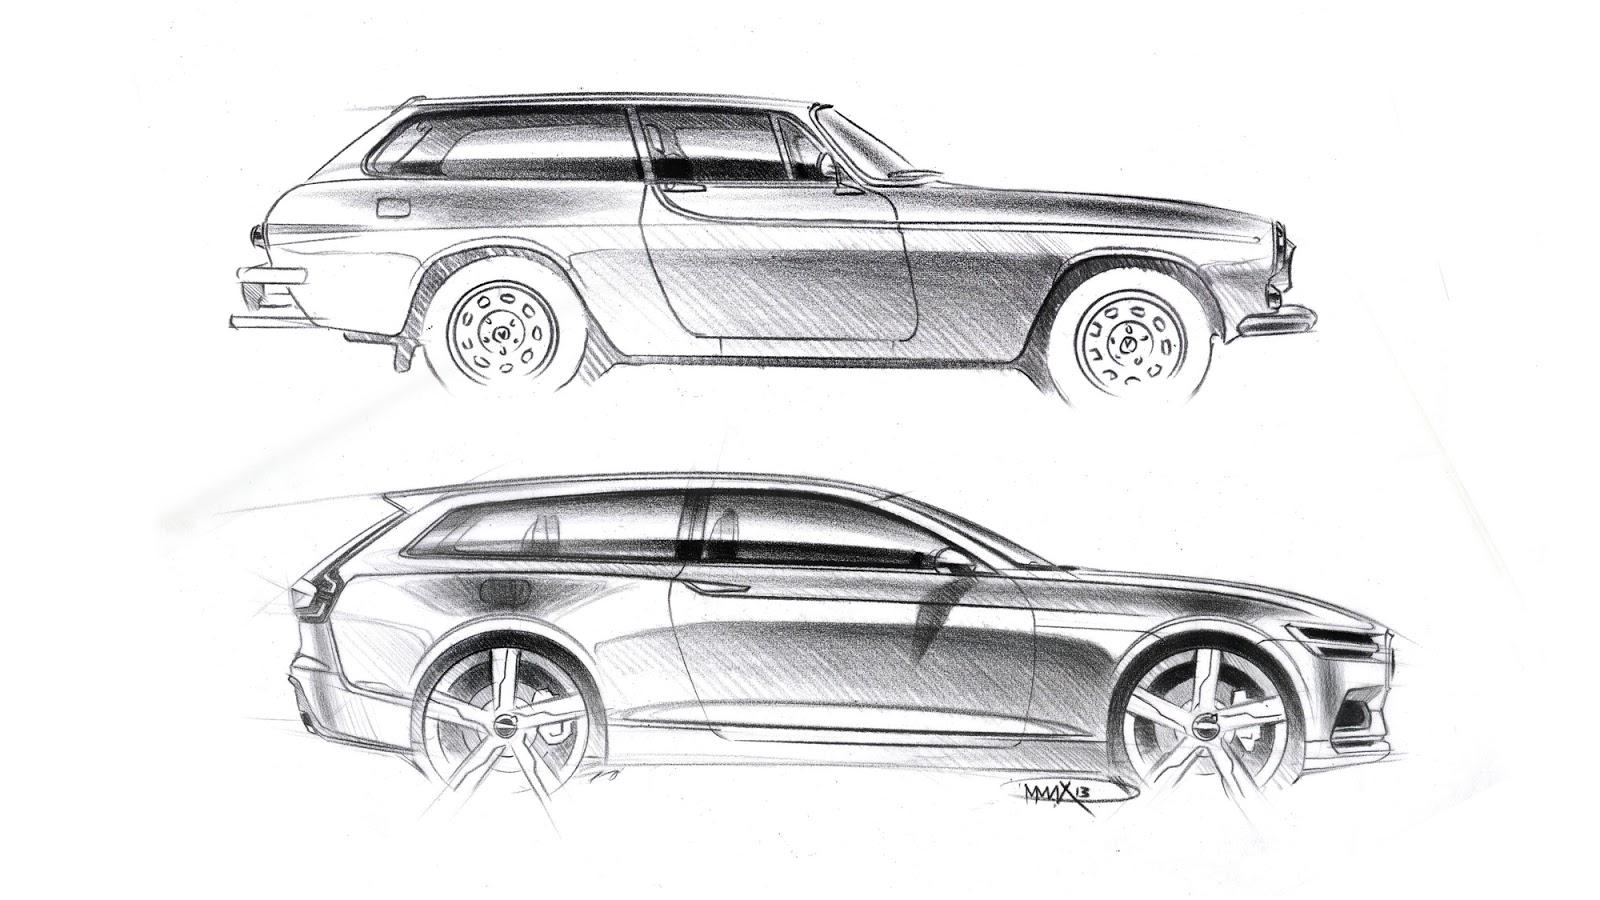 Volvo Concept Estate pencil sketch by Maximilian Missoni